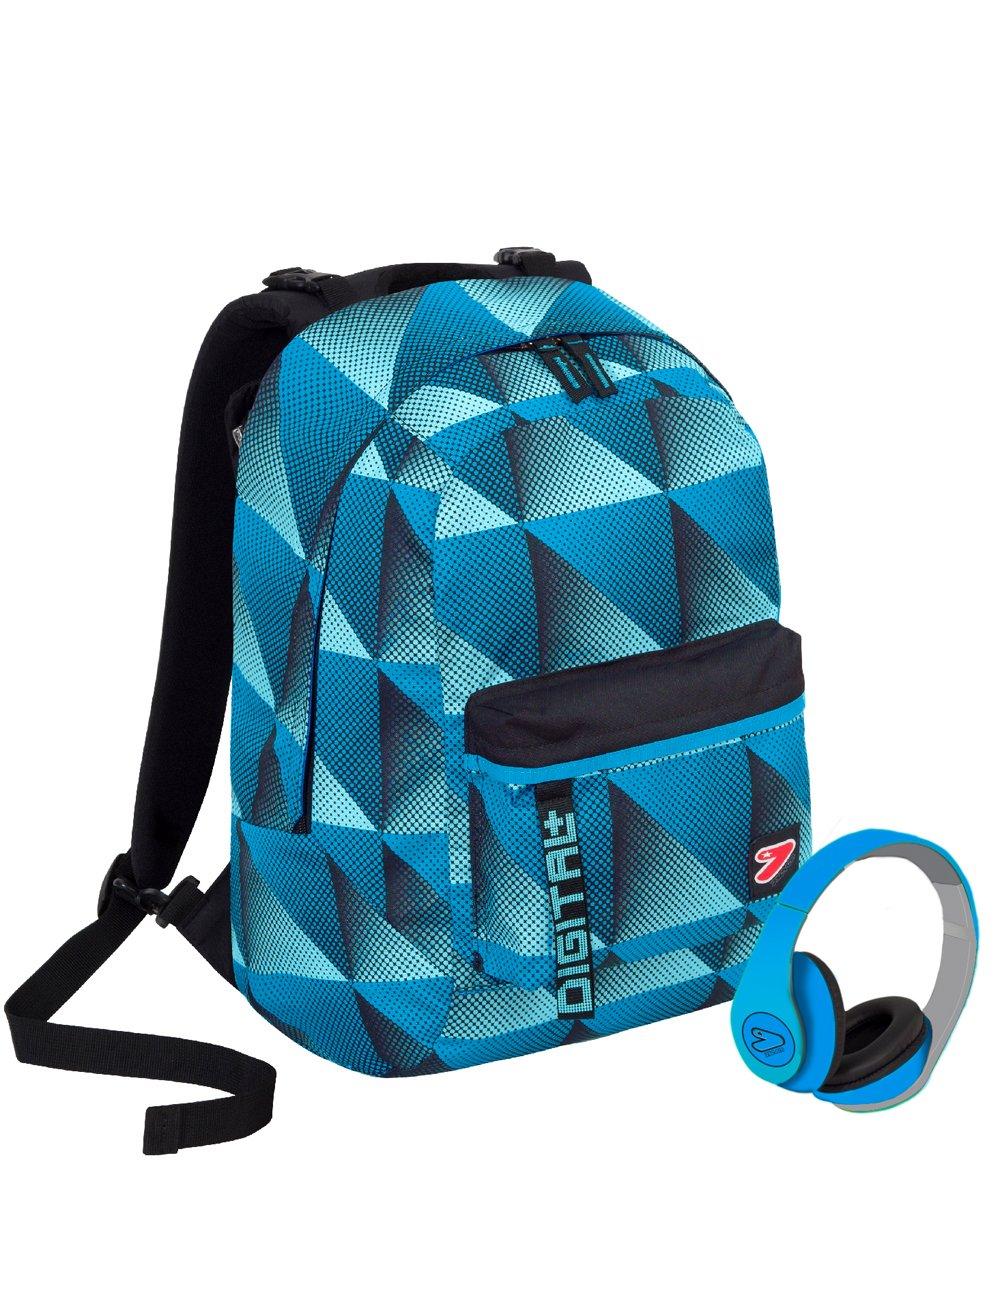 9854e980a1 Zaino SEVEN THE DOUBLE DOUBLE DOUBLE - DIGITAL - Blu - cuffie stereo  WIRELESS con microfono incluse 2 zaini in 1 REVERSIBILE 92562b